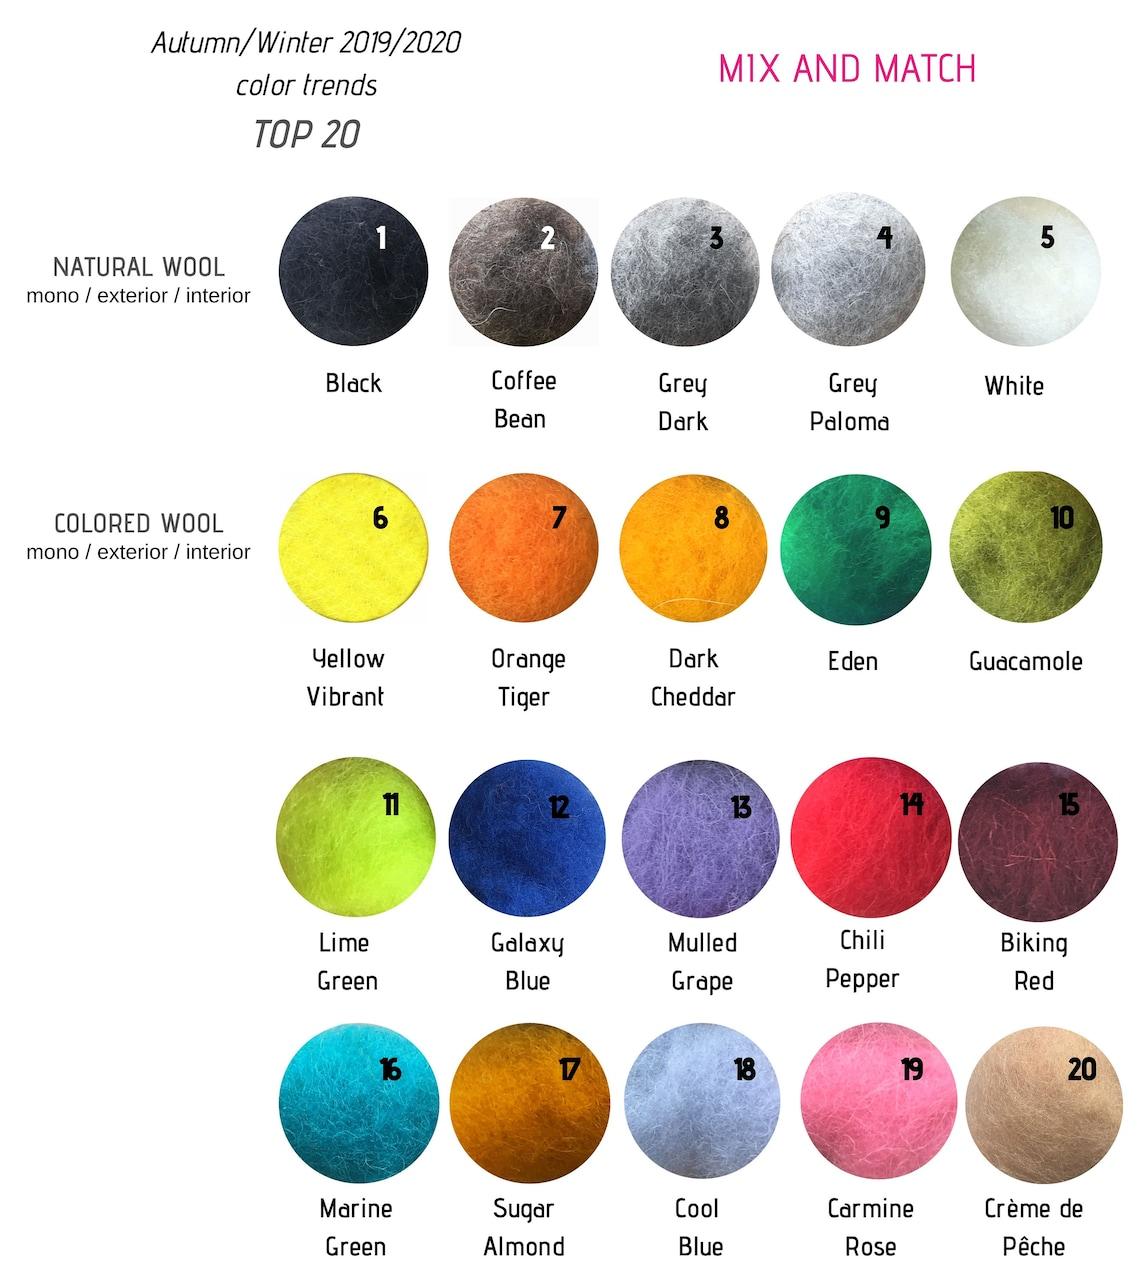 Nuevas botas chukka de lana en Esmeralda Gris para Hombre. Botas de fieltro, Botas de lana para hombre - Mix Match 20 colorblocks personalizados